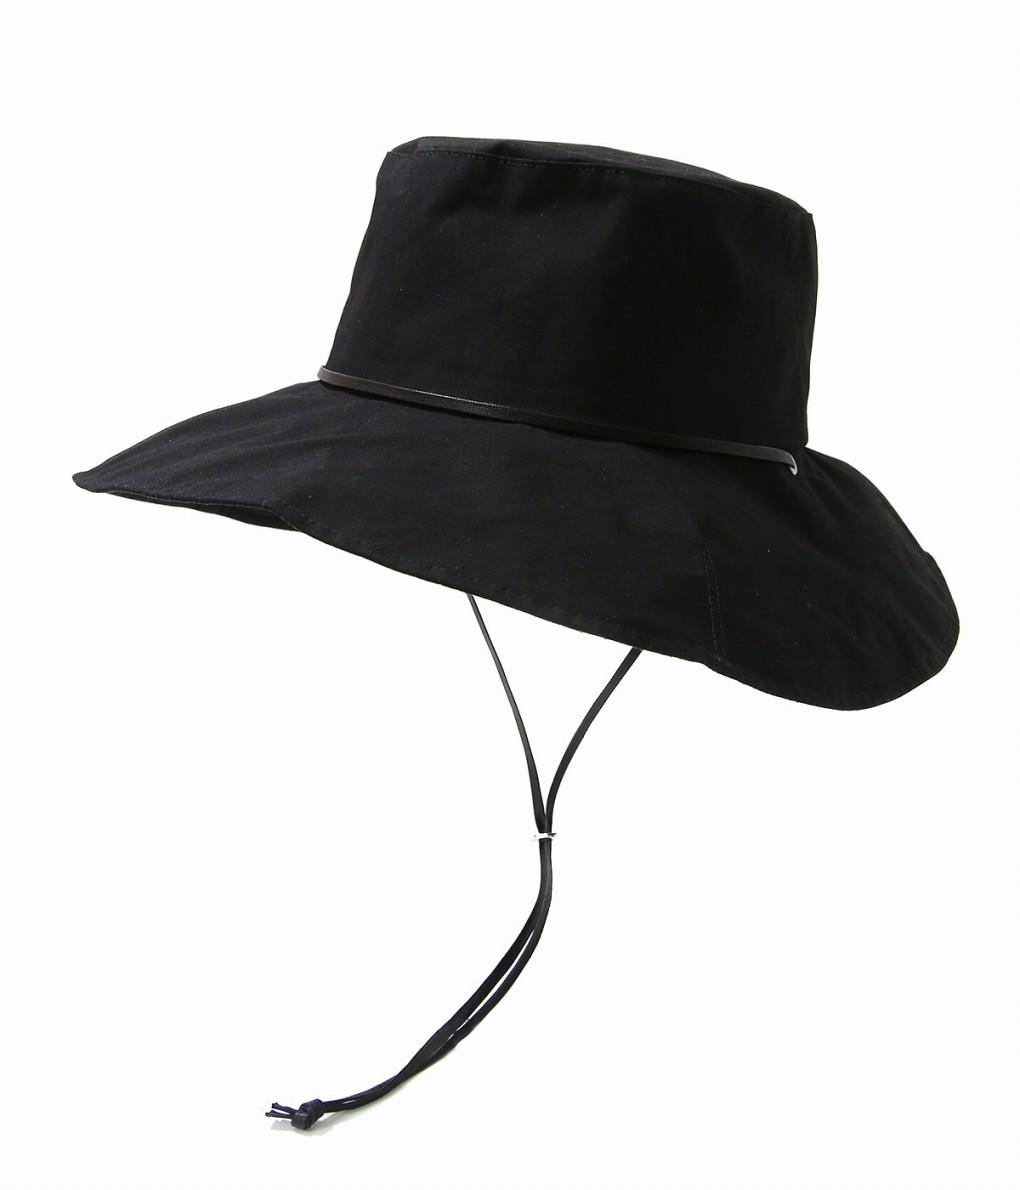 KIJIMA TAKAYUKI / キジマ タカユキ : 【レディース】safari hat : サファリ ハット ウーマン 帽子 レディース : W-191255 【ANN】